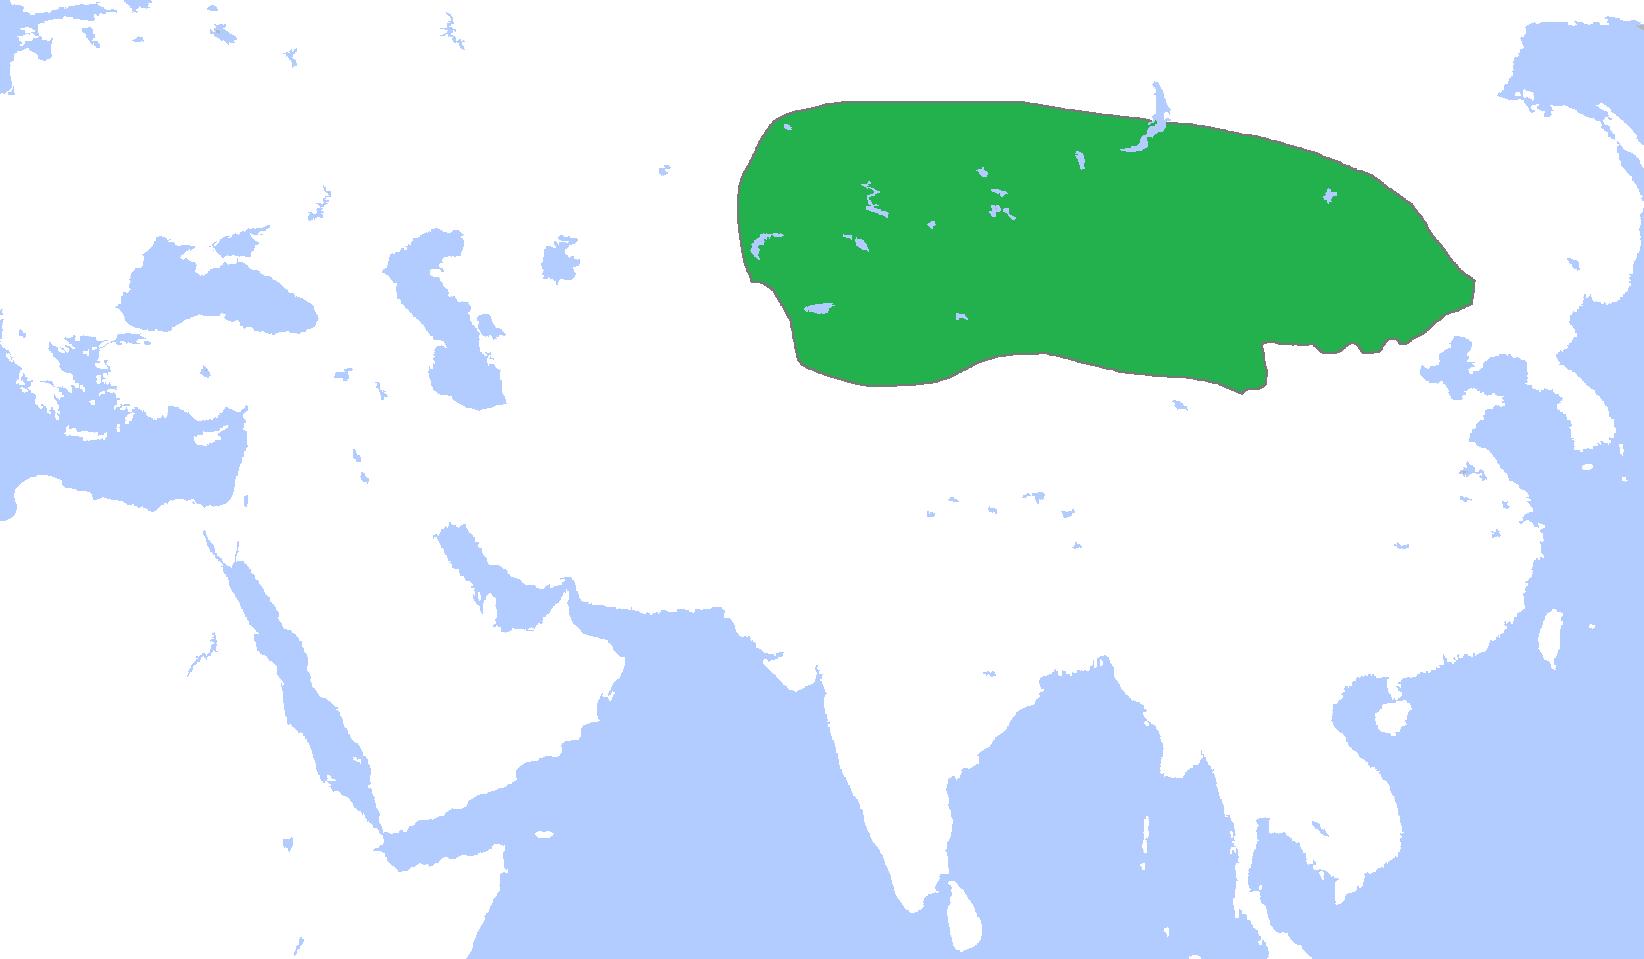 Lãnh thổ Hung Nô (lục) (khoảng 250 TCN).